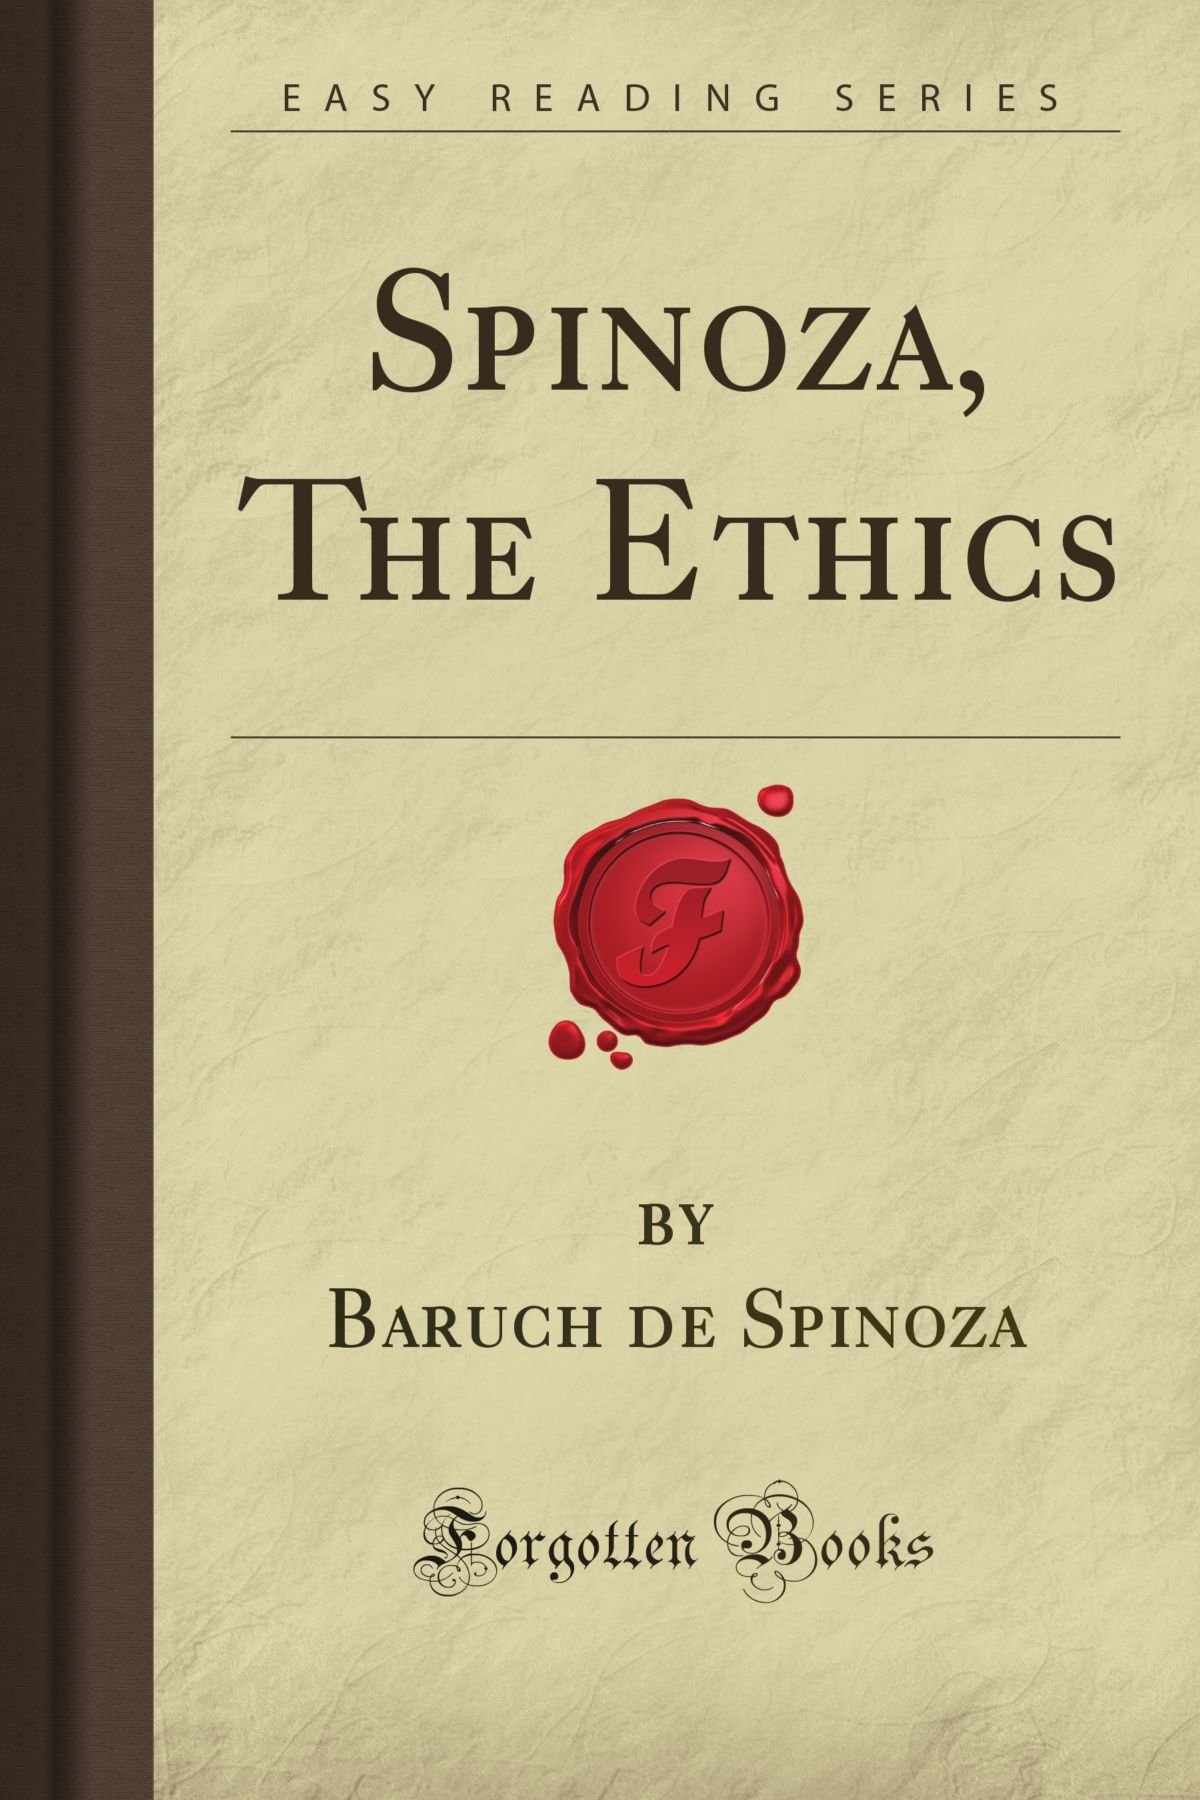 Bildergebnis für 'Ethics' by Baruch Spinoza